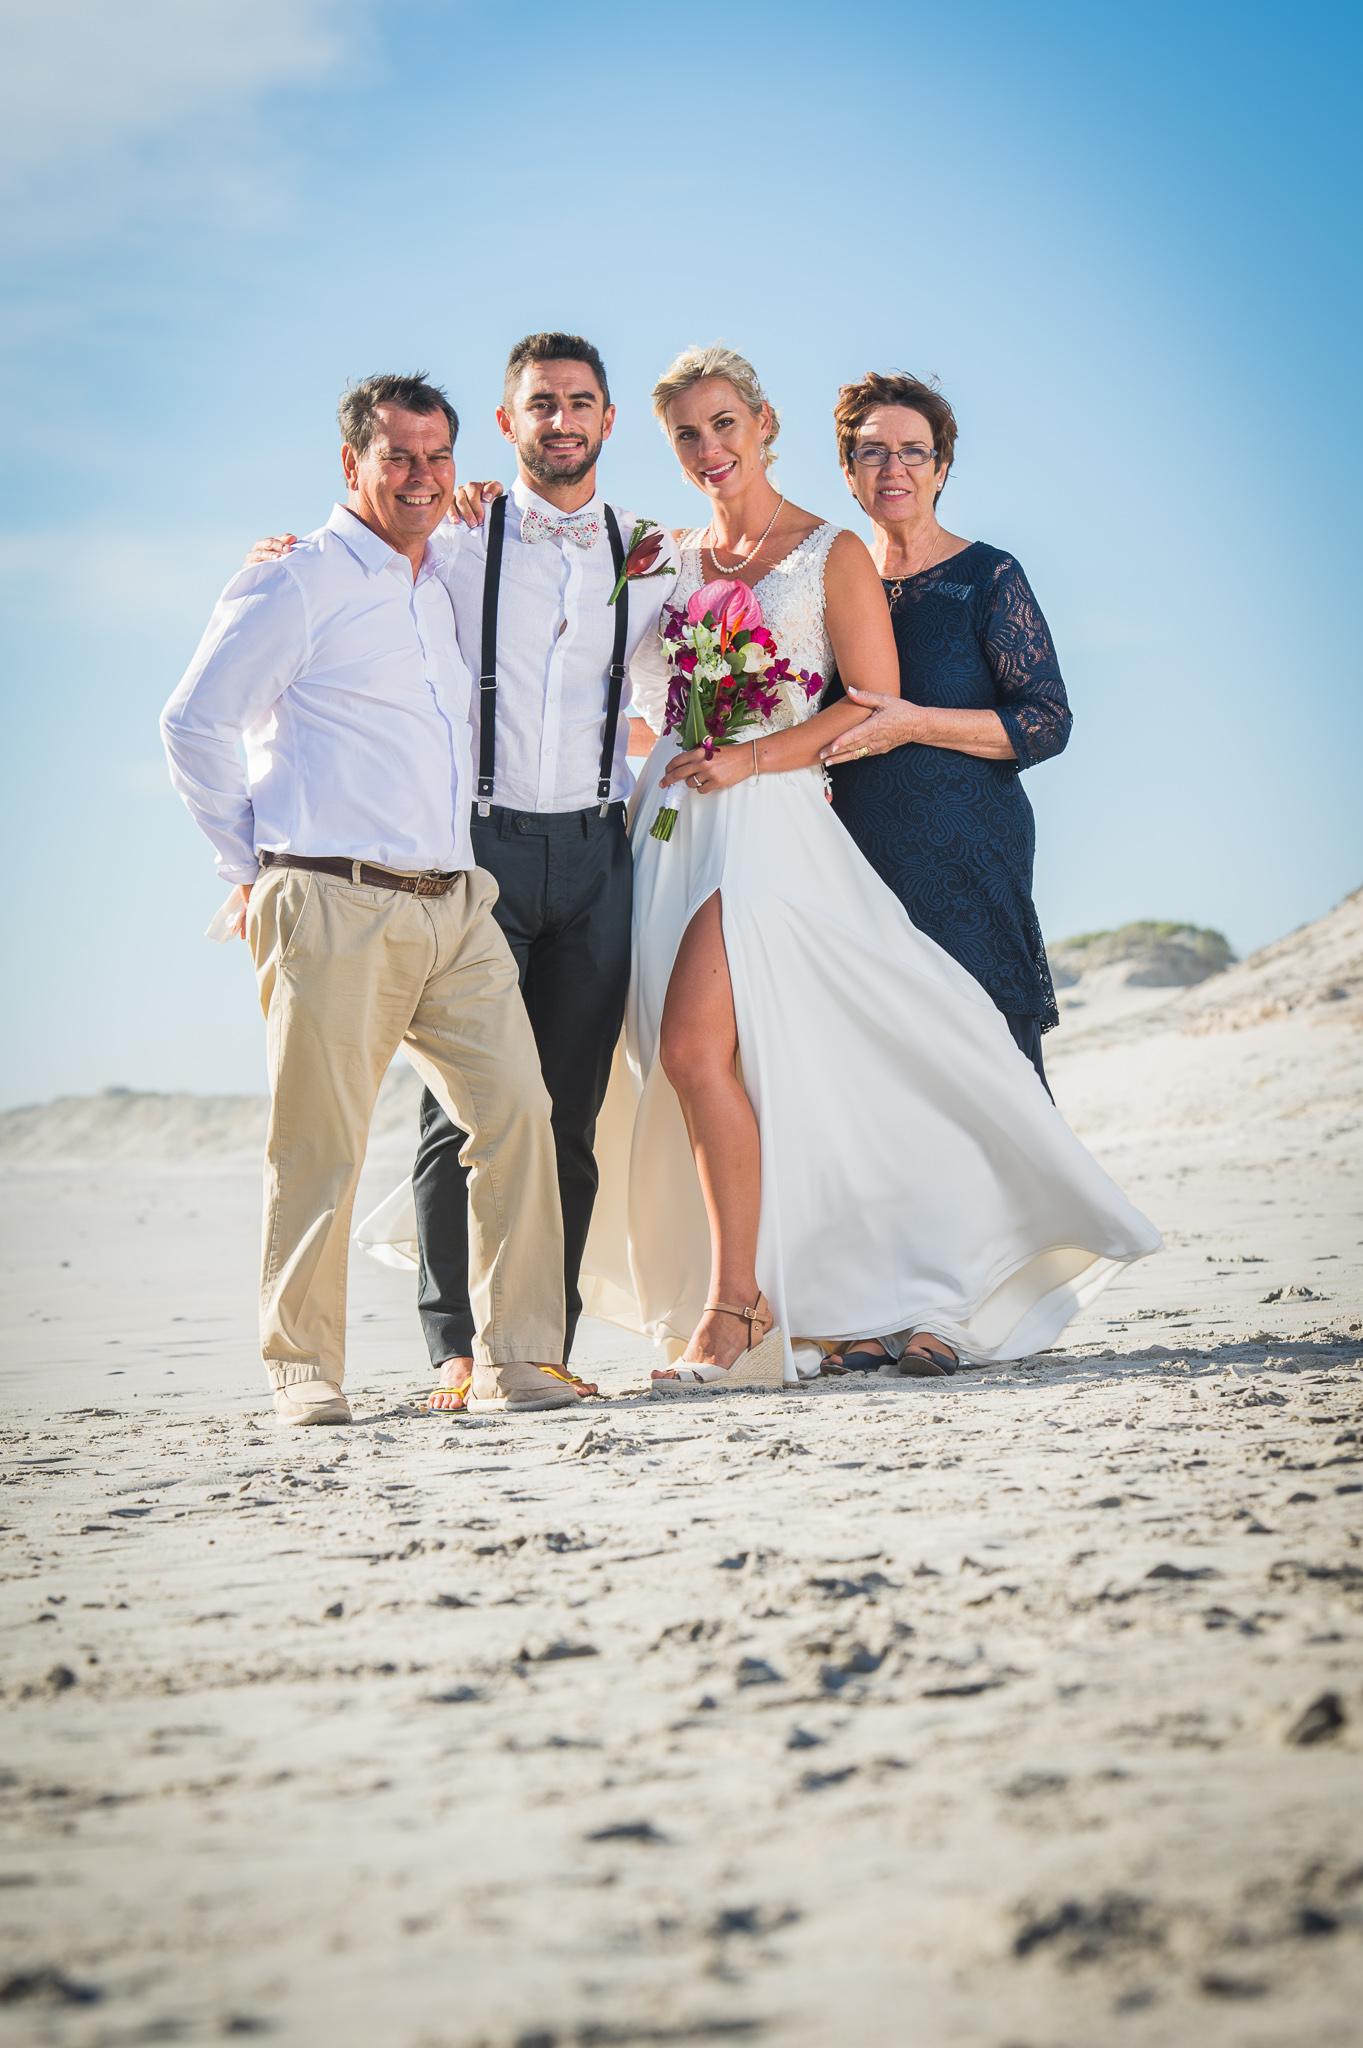 Josh and Debbie Yzerfontein Wedding - Sneak Peak (20 of 36).jpg